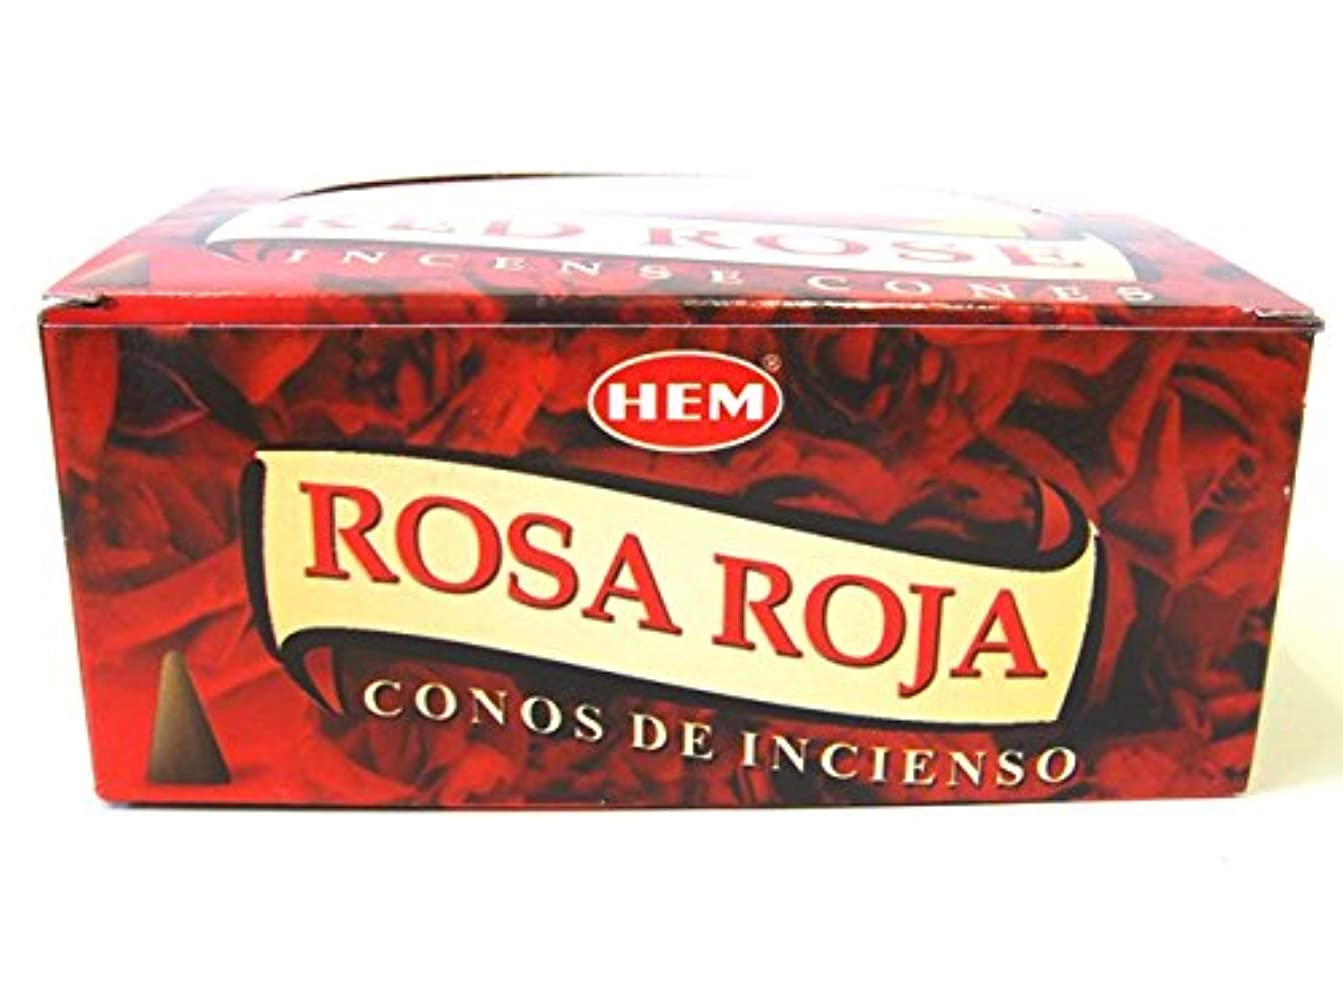 HEM お香 レッドローズ(RED ROSE) コーンタイプ 1ケース(12箱入り) お香薔薇